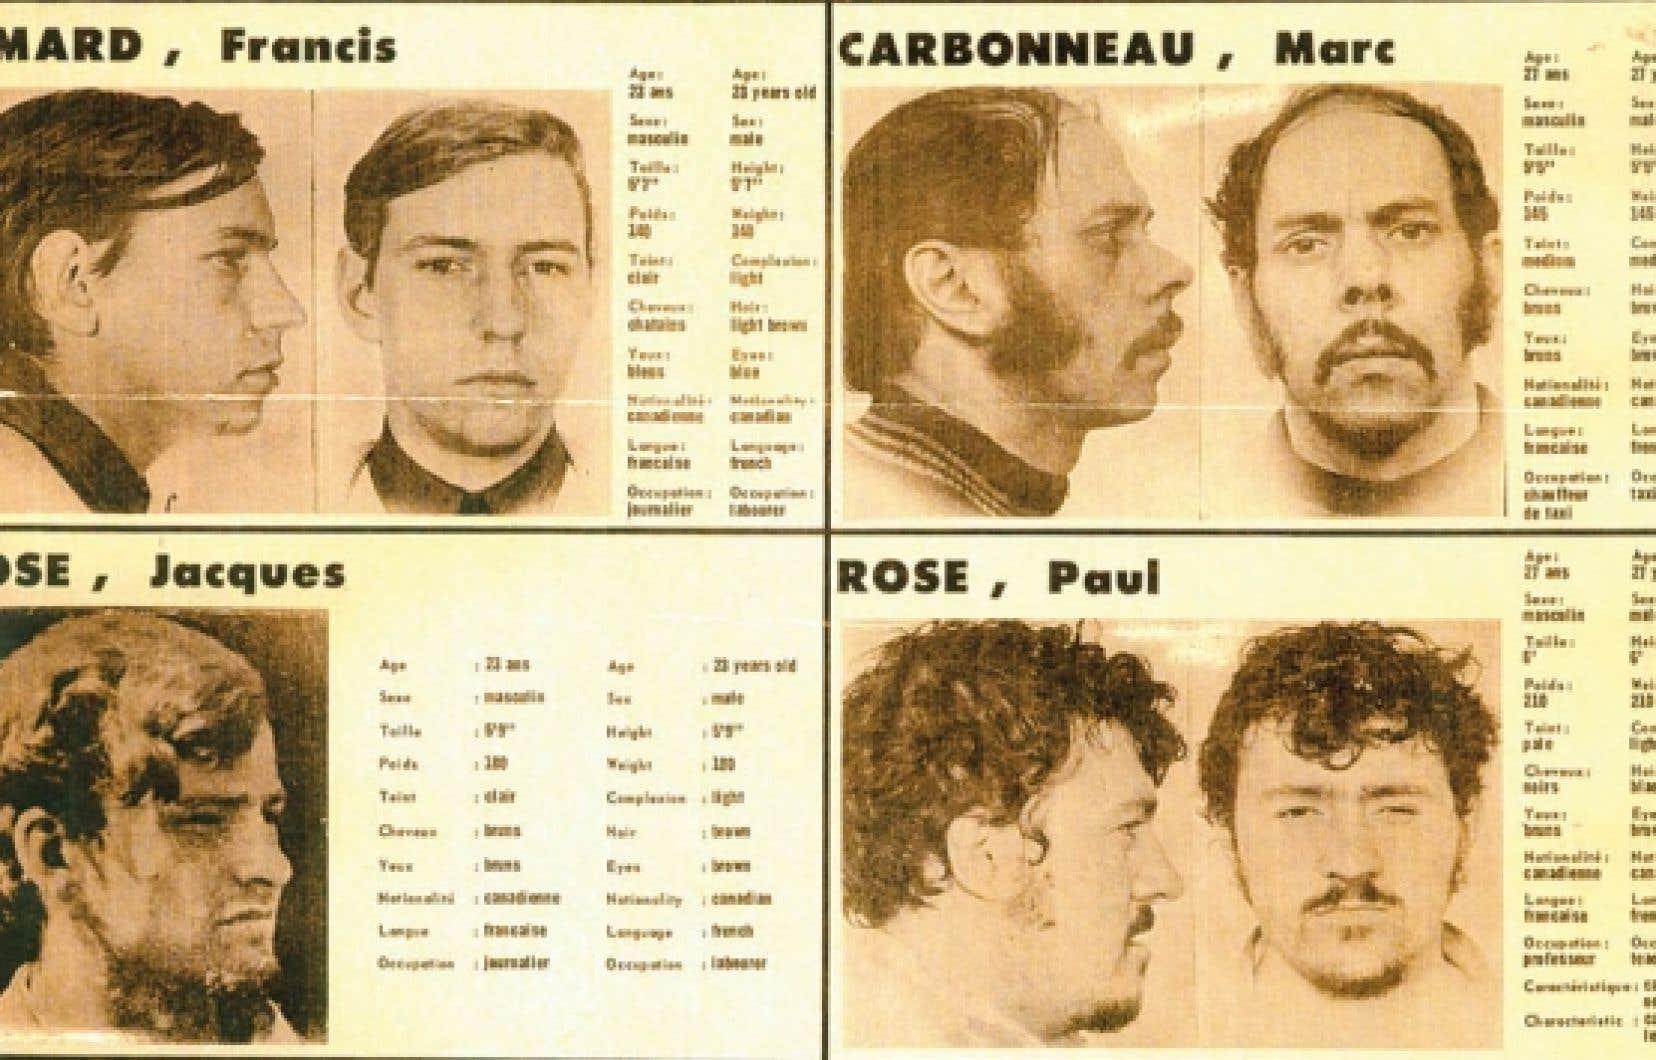 RECHERCHÉS. Quatre des felquistes dont les têtes sont mises à prix par les autorités en octobre 1970. L'affiche est placardée un peu partout, comme au temps du Far-West. Les gouvernements du Canada et du Québec offrent 150 000$ — soit l'équivalent de 854 000$ d'aujourd'hui — «pour des renseignements qui conduiraient à l'arrestation des ravisseurs ou des meurtriers de M. Pierre Laporte».